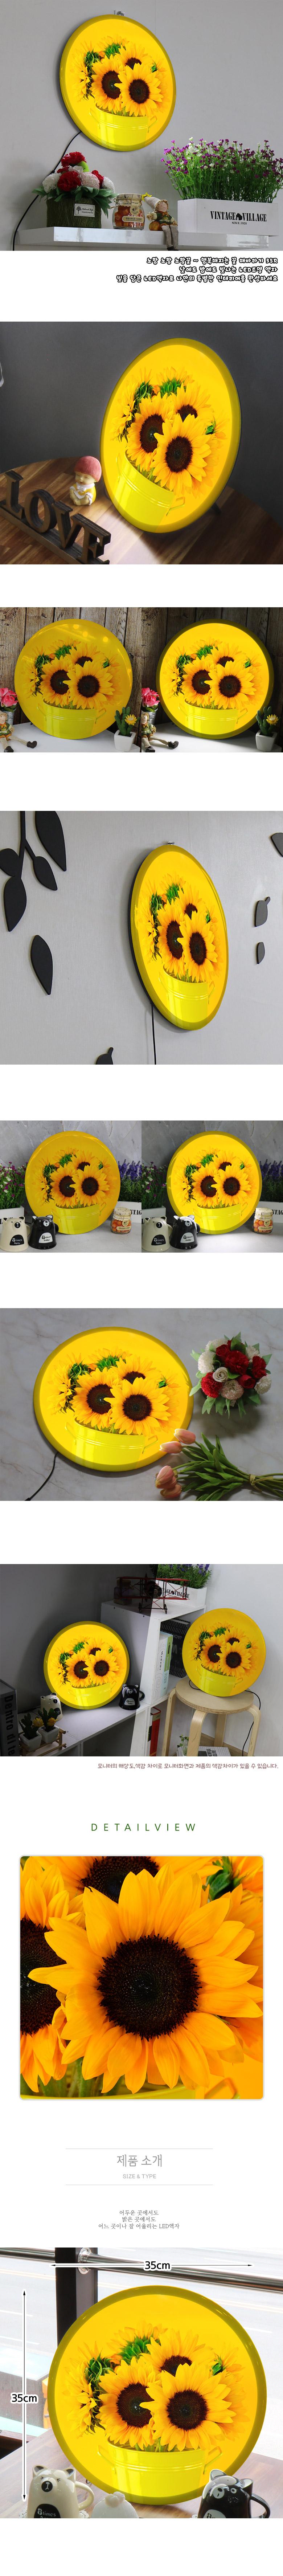 LED액자35R_행복해지는꽃해바라기 - 꾸밈, 59,000원, 포인트조명, 터치조명